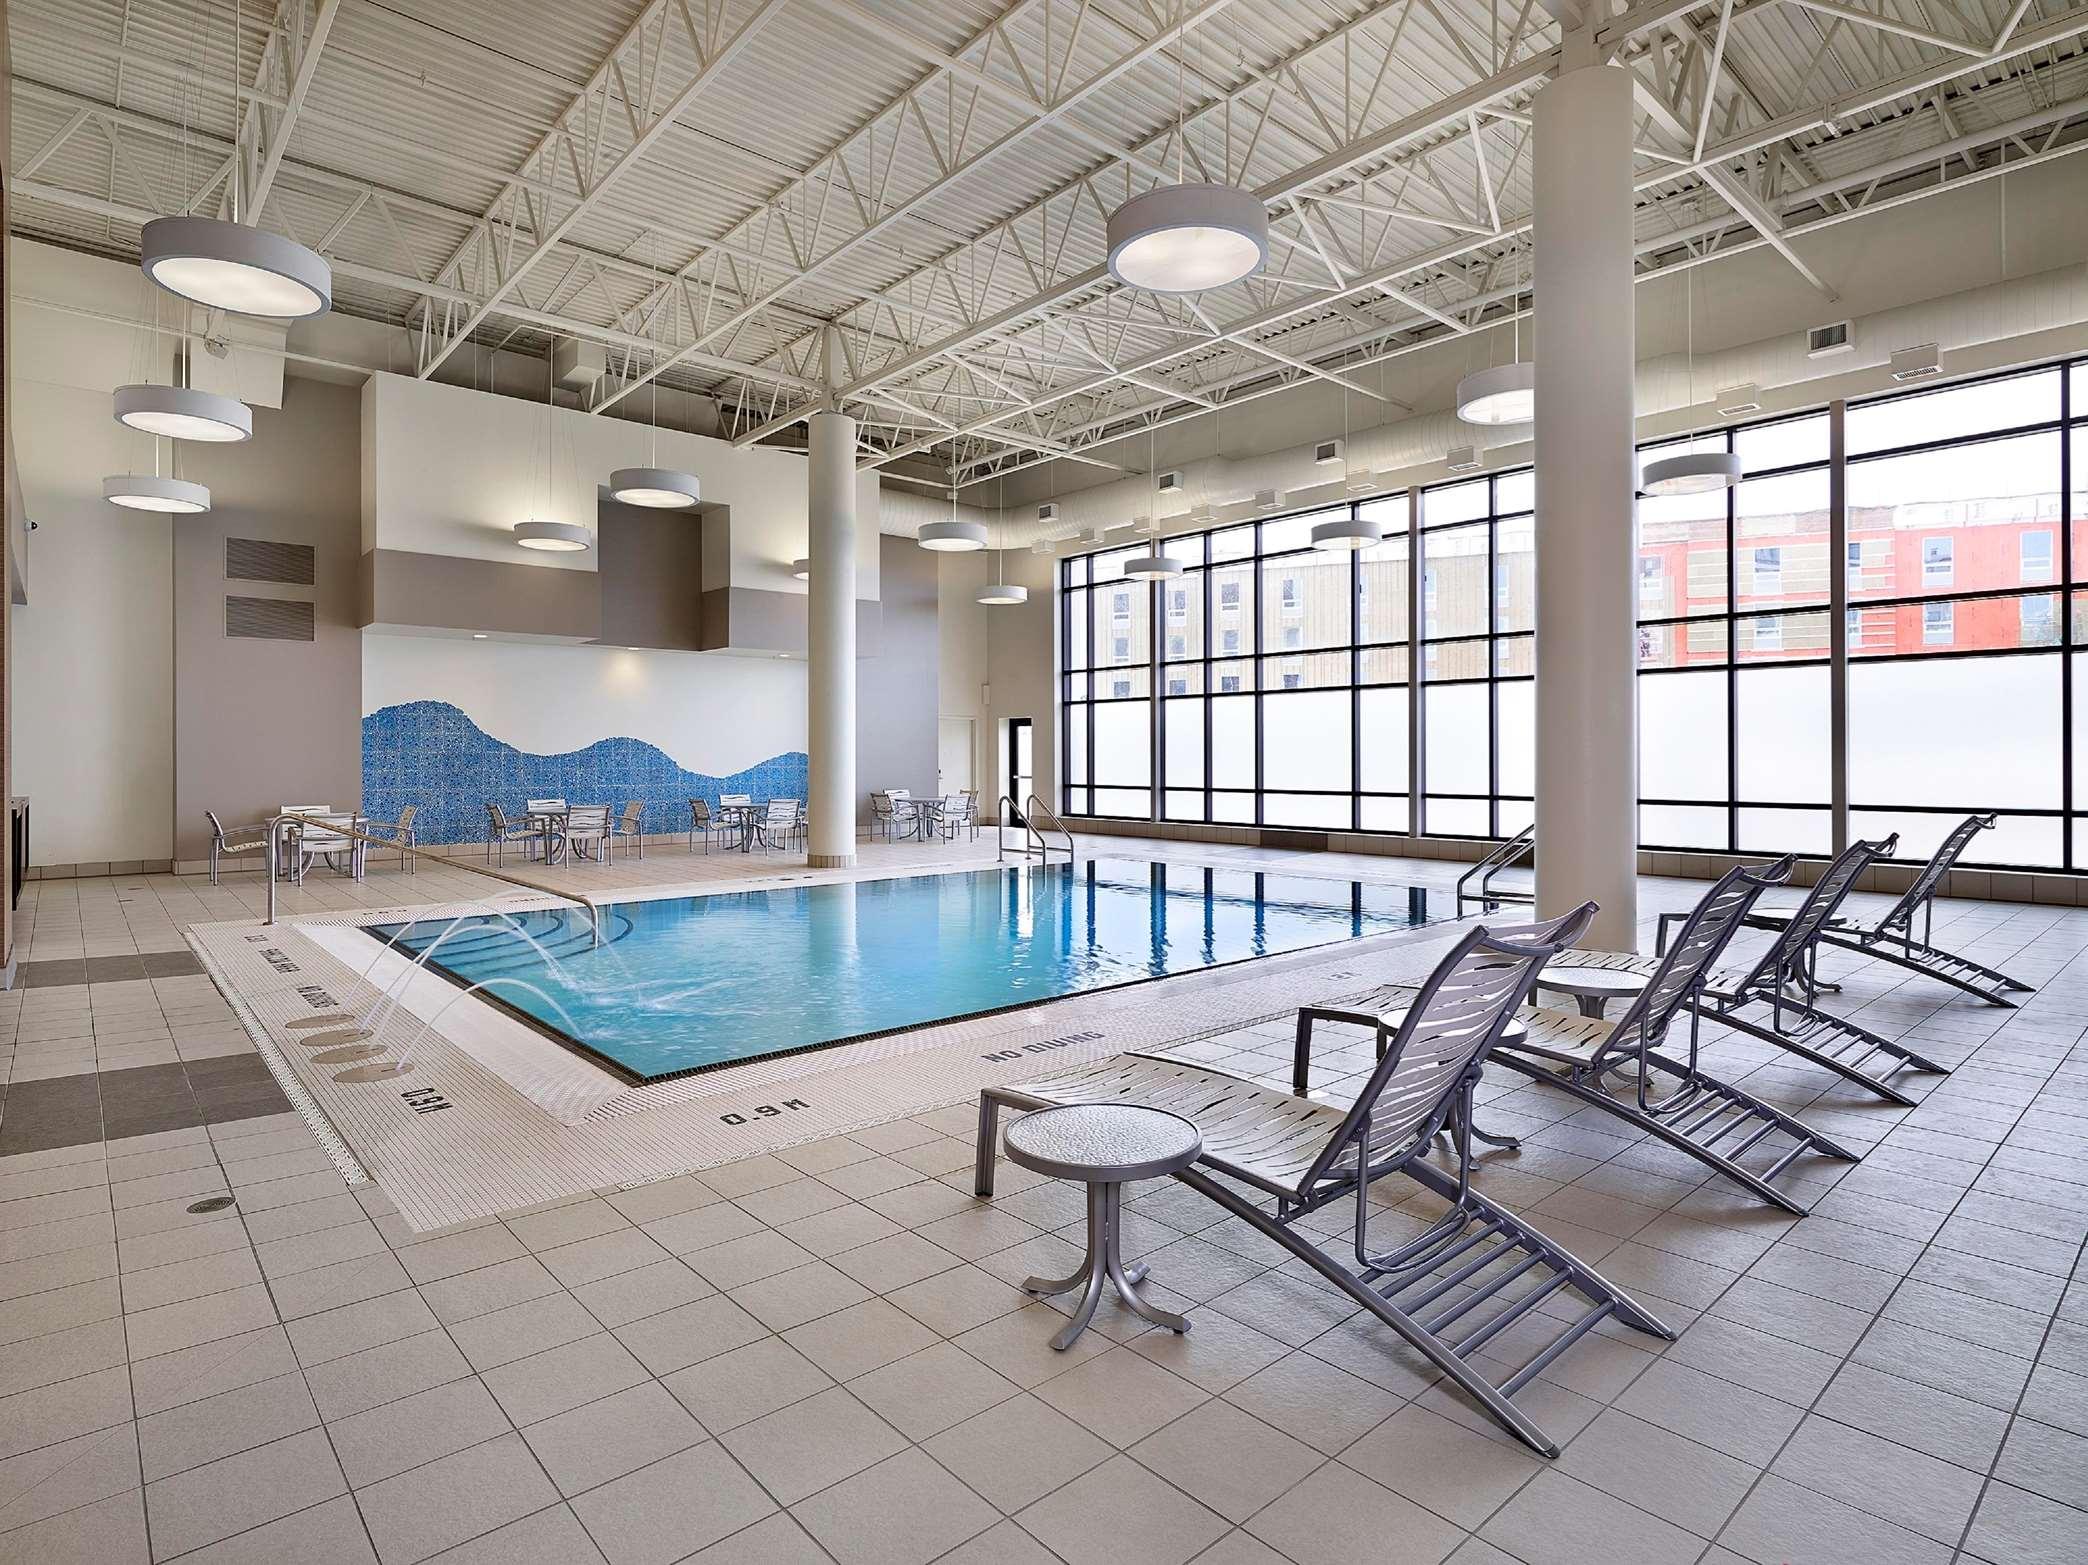 DoubleTree by Hilton Hotel West Edmonton in Edmonton: Pool Area